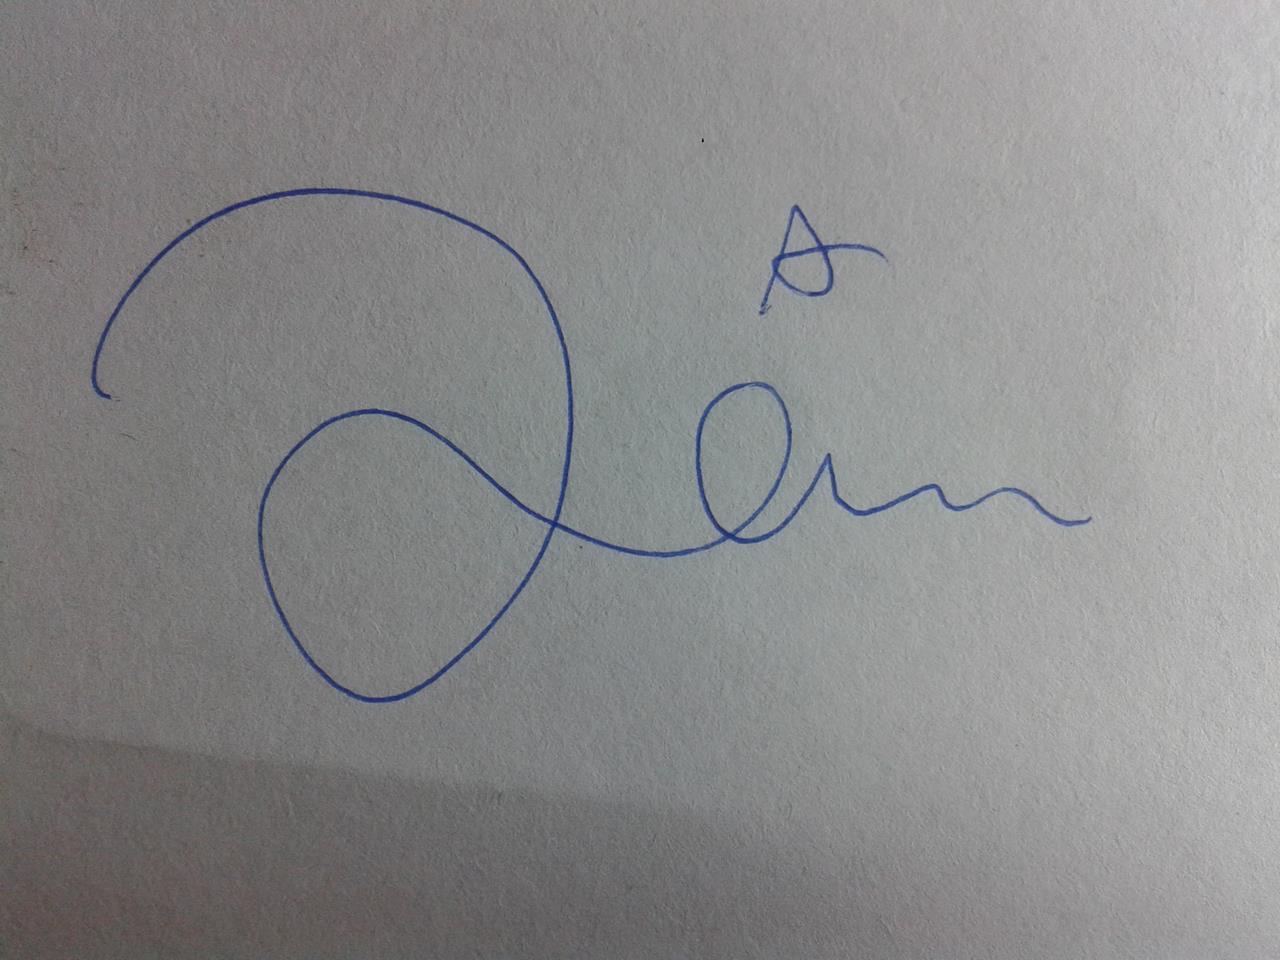 kriba kribo tanda tangan kuliah kresnoadi